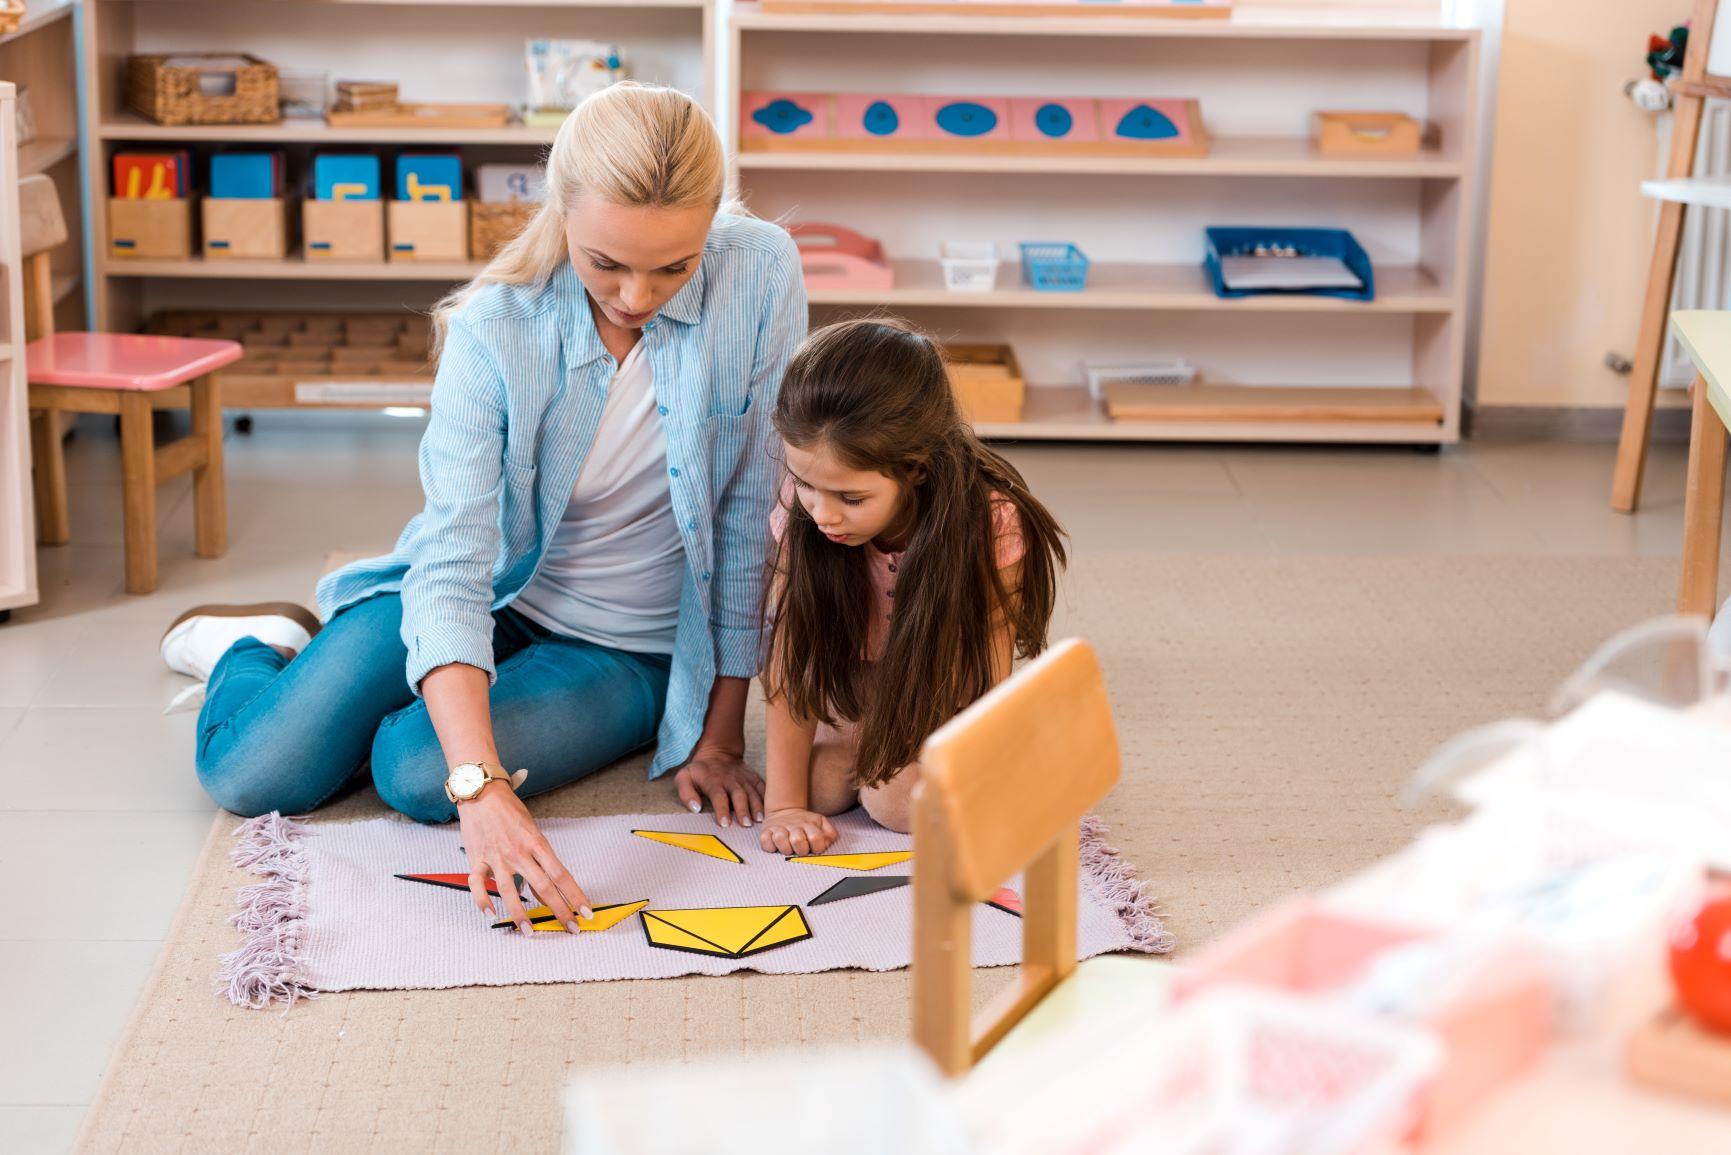 maestra montessori manipulando materiales